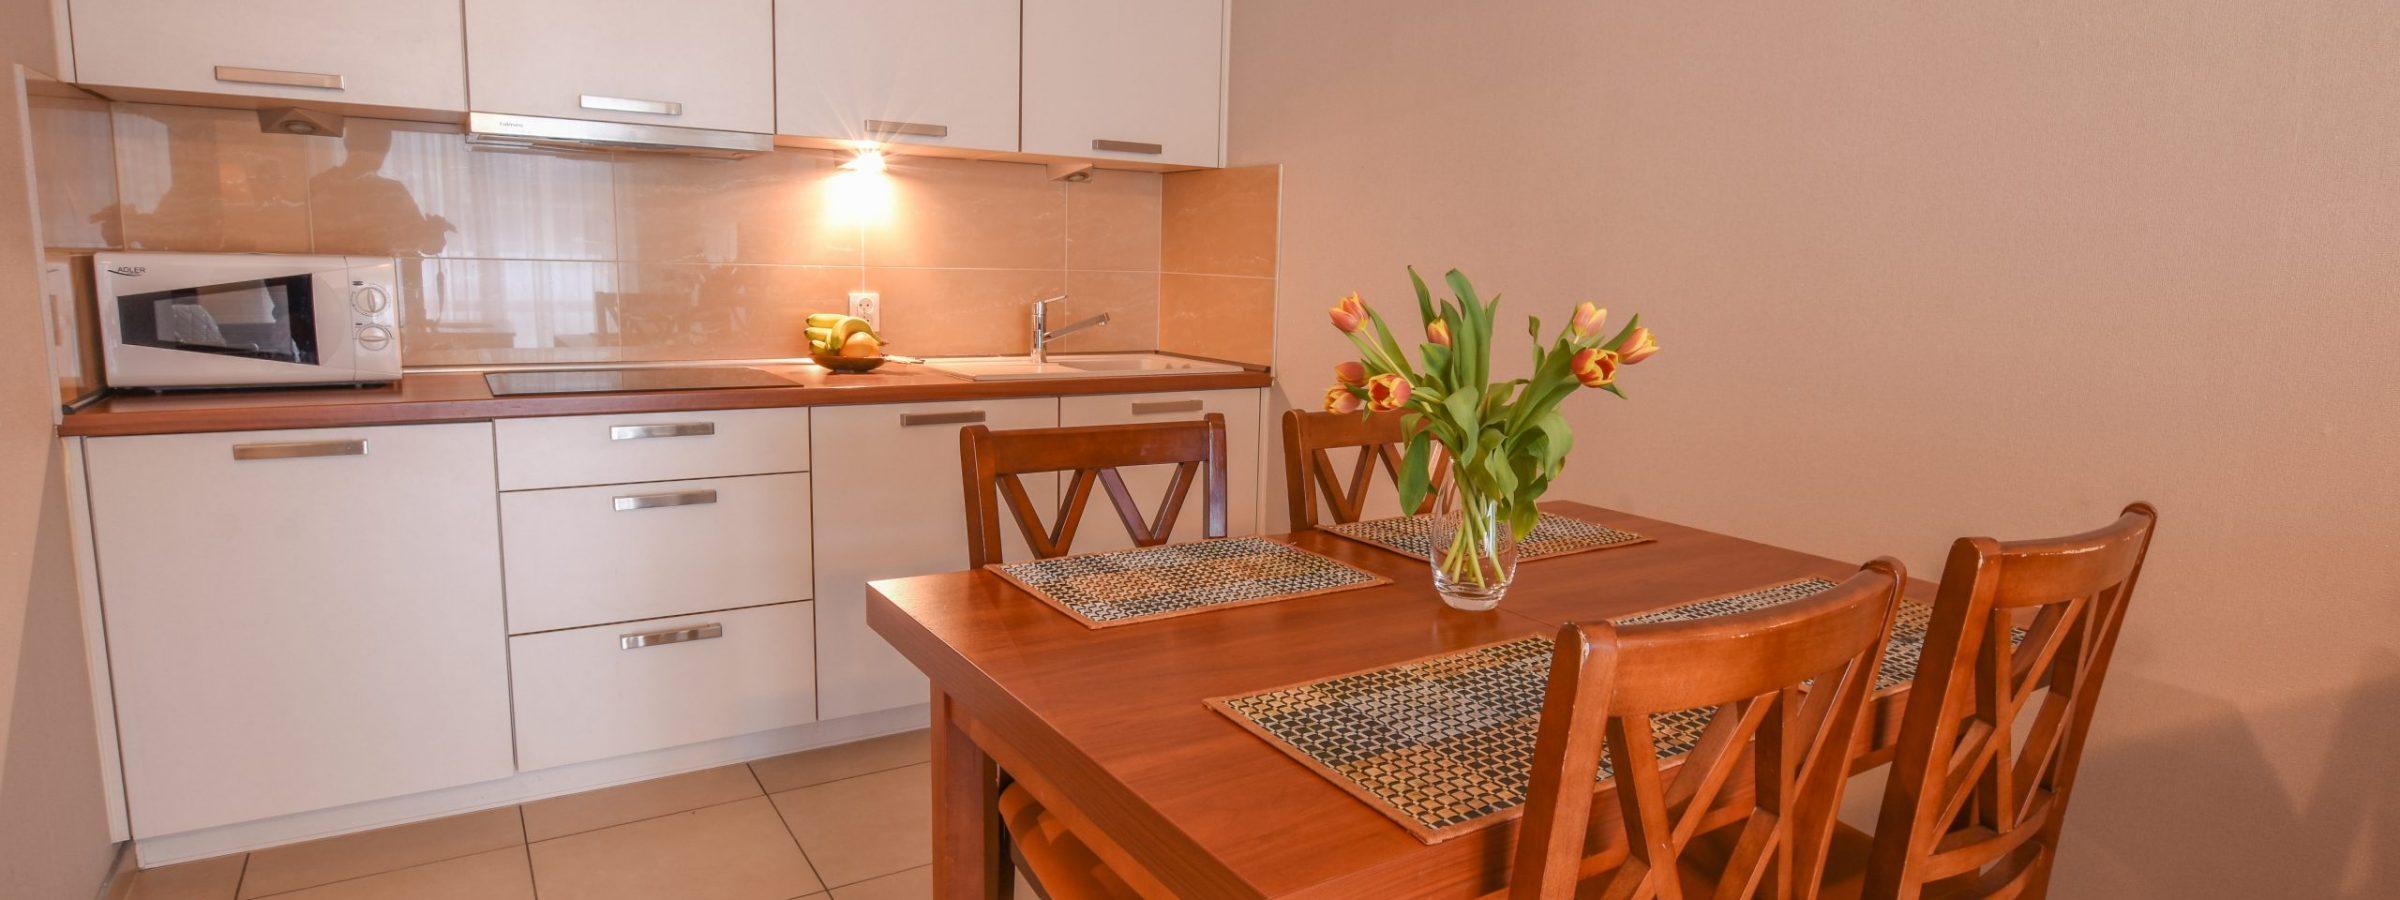 Apartament Aquarius107 - Promenada Apartamenty 6